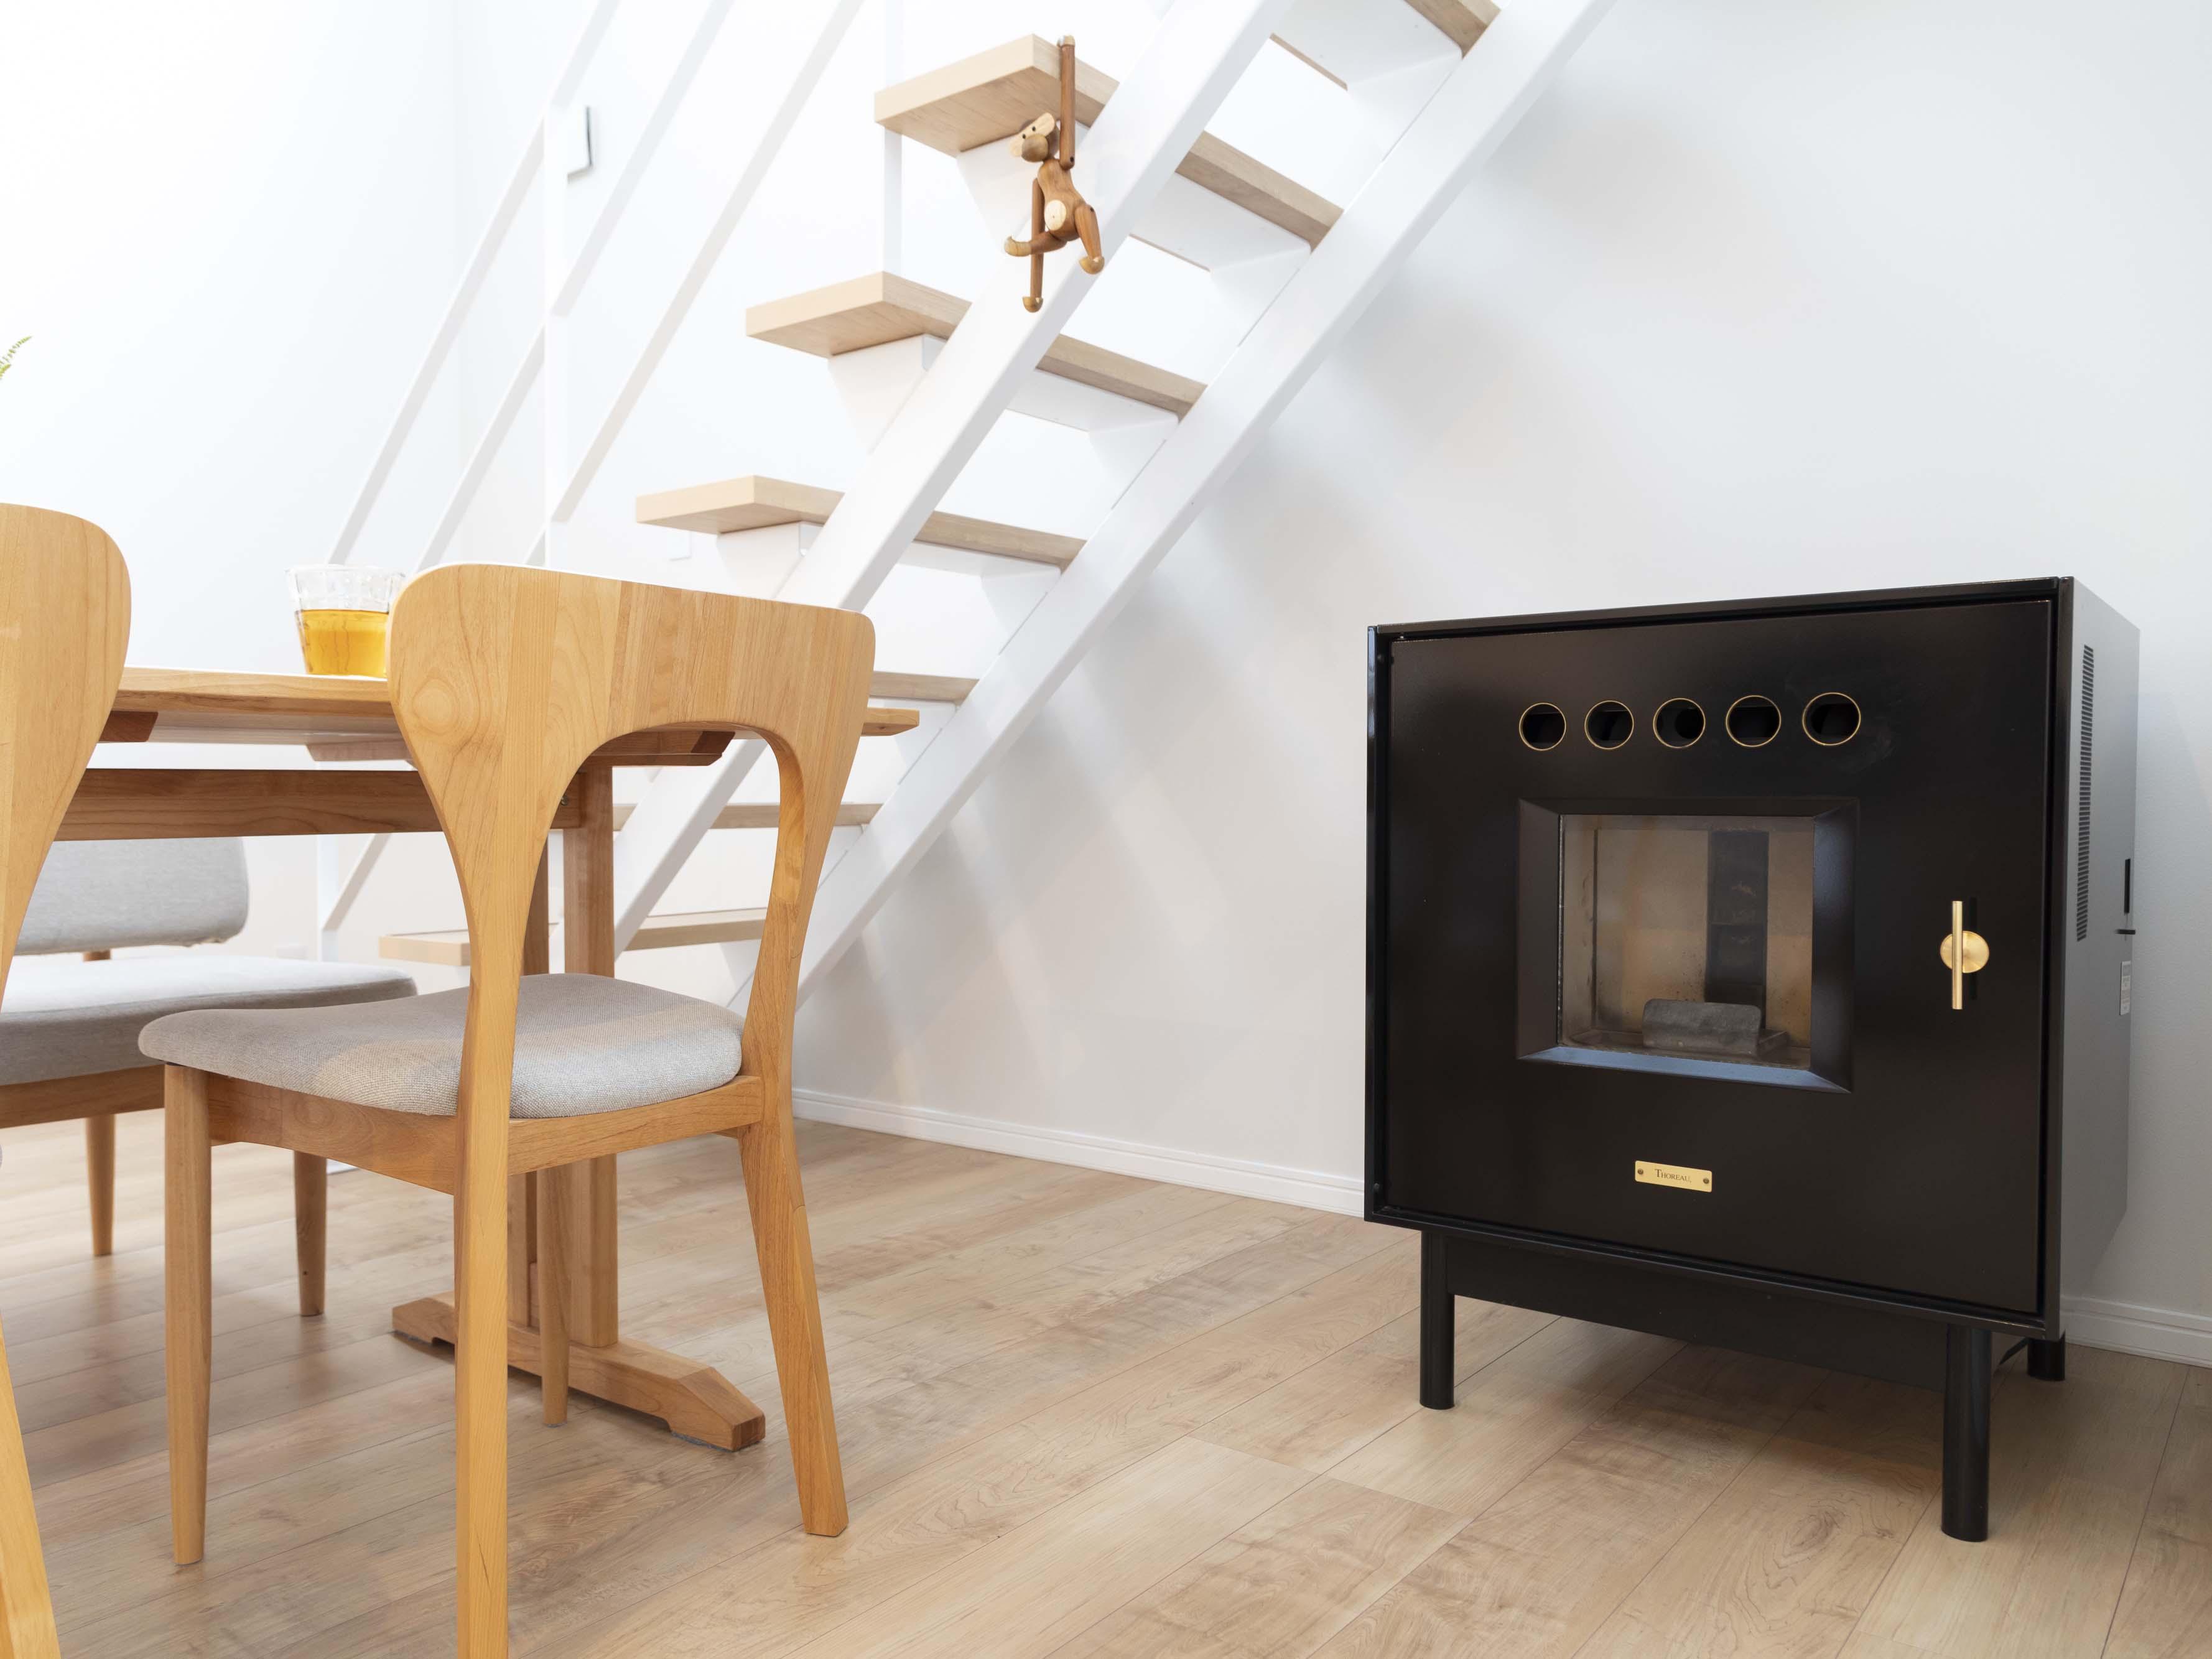 暖炉×スケルトン式の階段×吹き抜けで、家がすぐに暖まるそう。